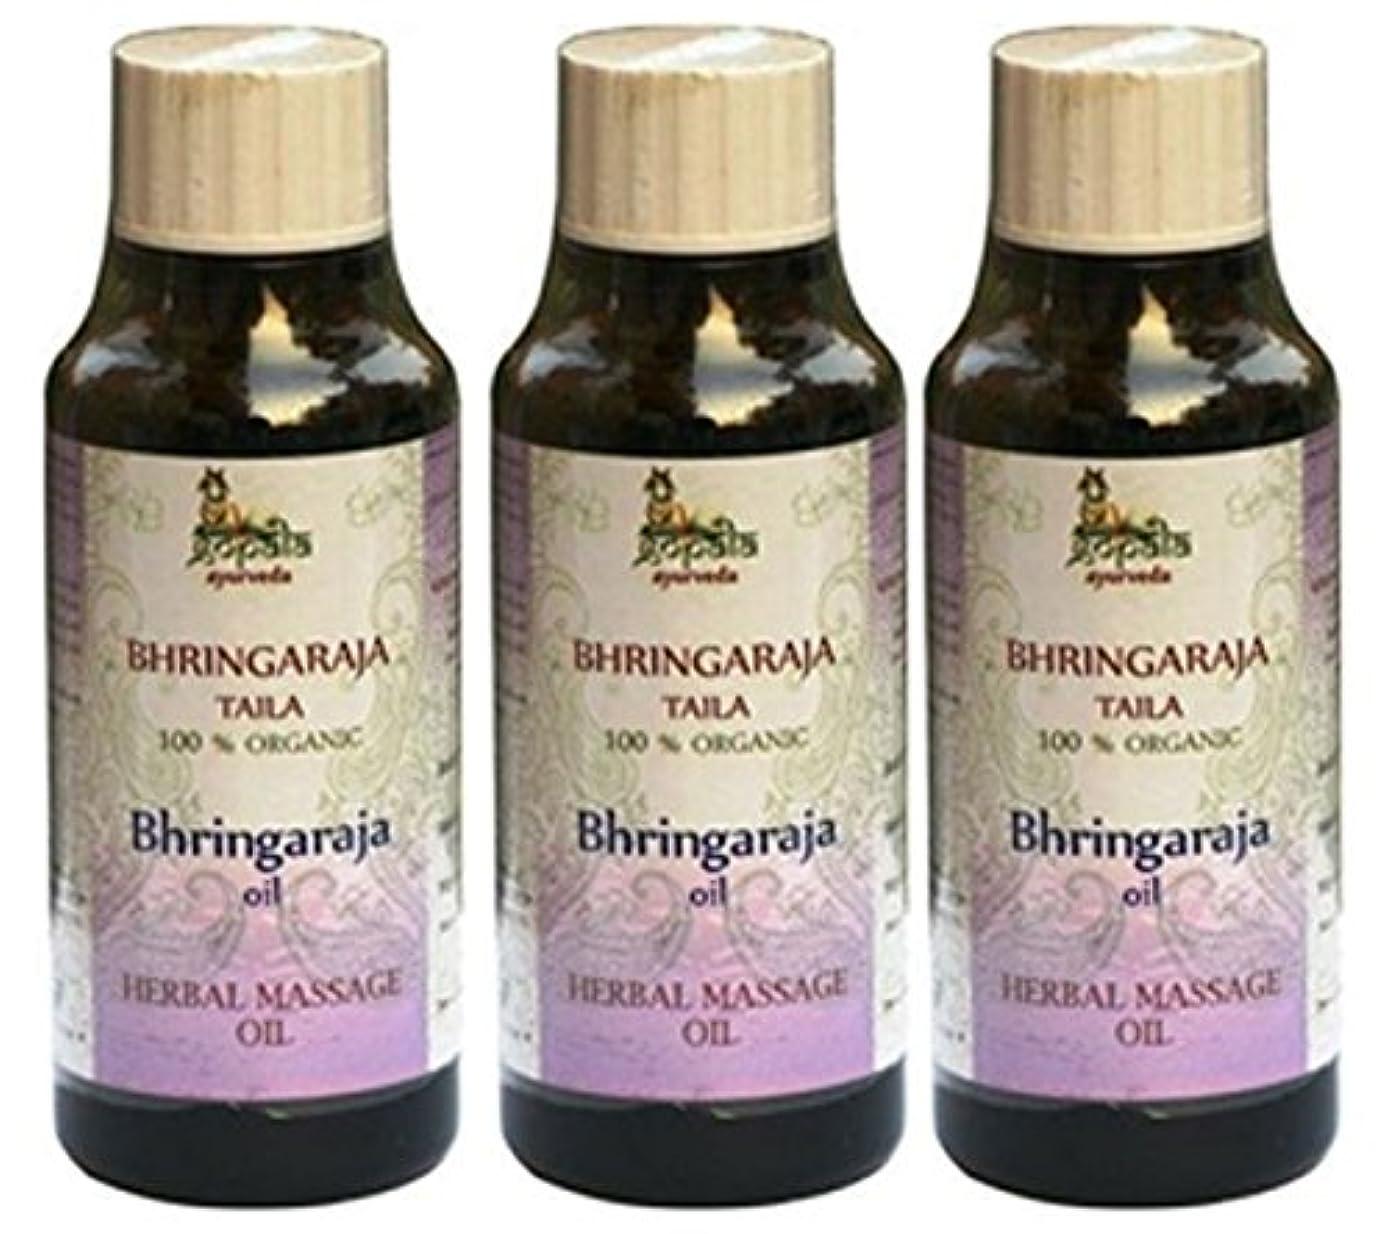 呼ぶまだ岸Bhringraja Oil - 100% USDA CERTIFIED ORGANIC - Ayurvedic Hair Massage Oil - 150ml (Pack of 3) - EXPEDITED DELIVERY